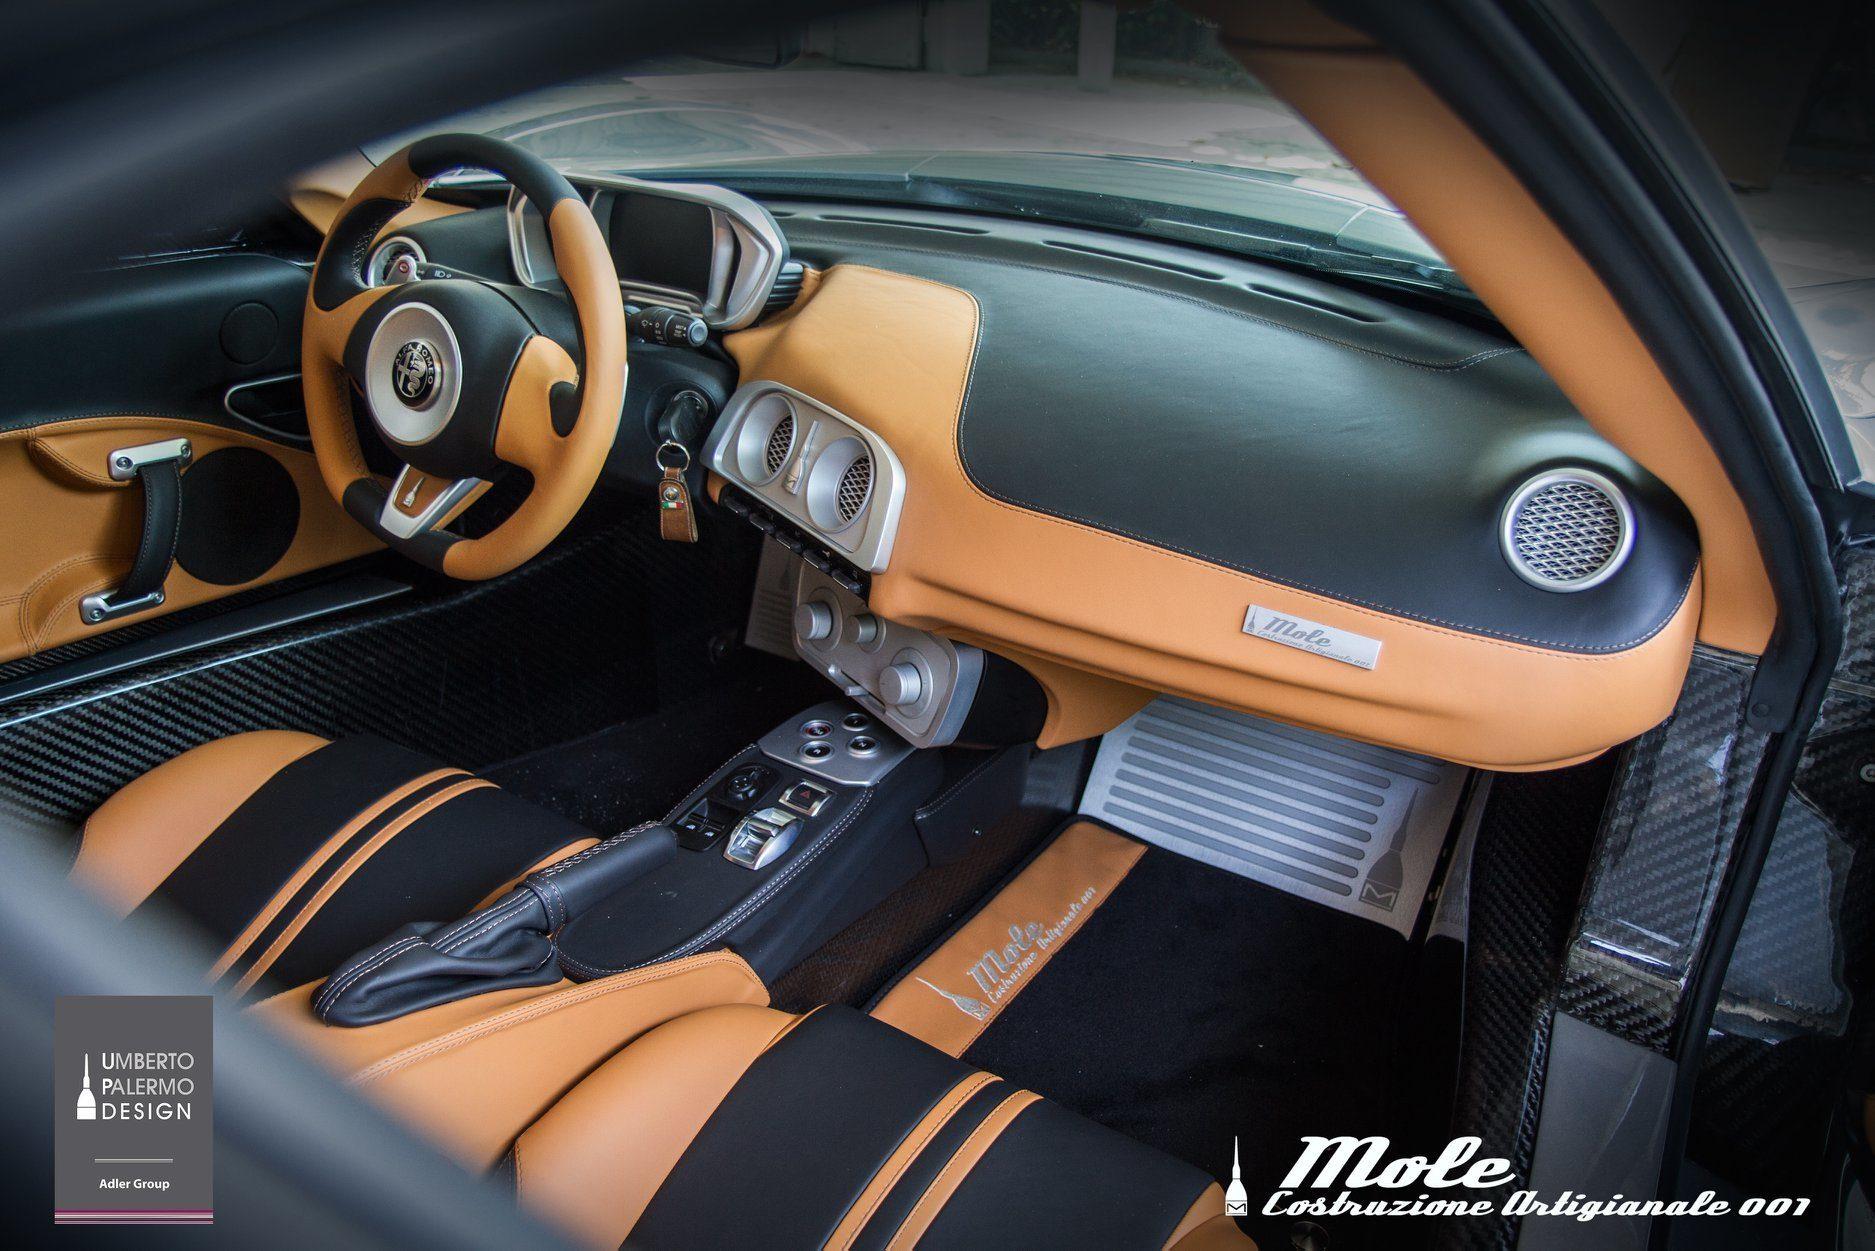 Alfa Romeo Mole Costruzione Artigianale 001 -6